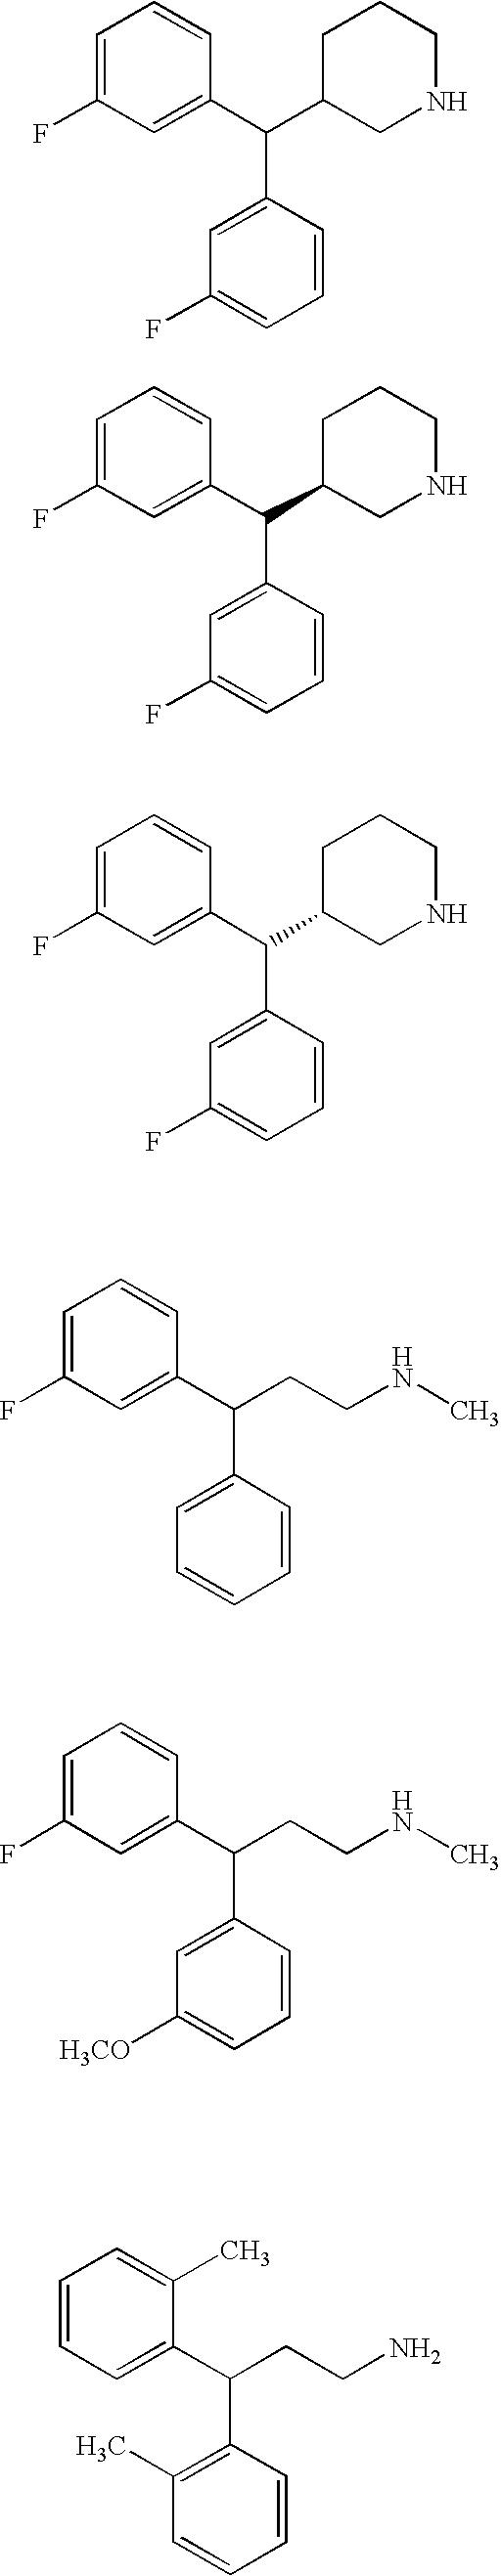 Figure US20050282859A1-20051222-C00009